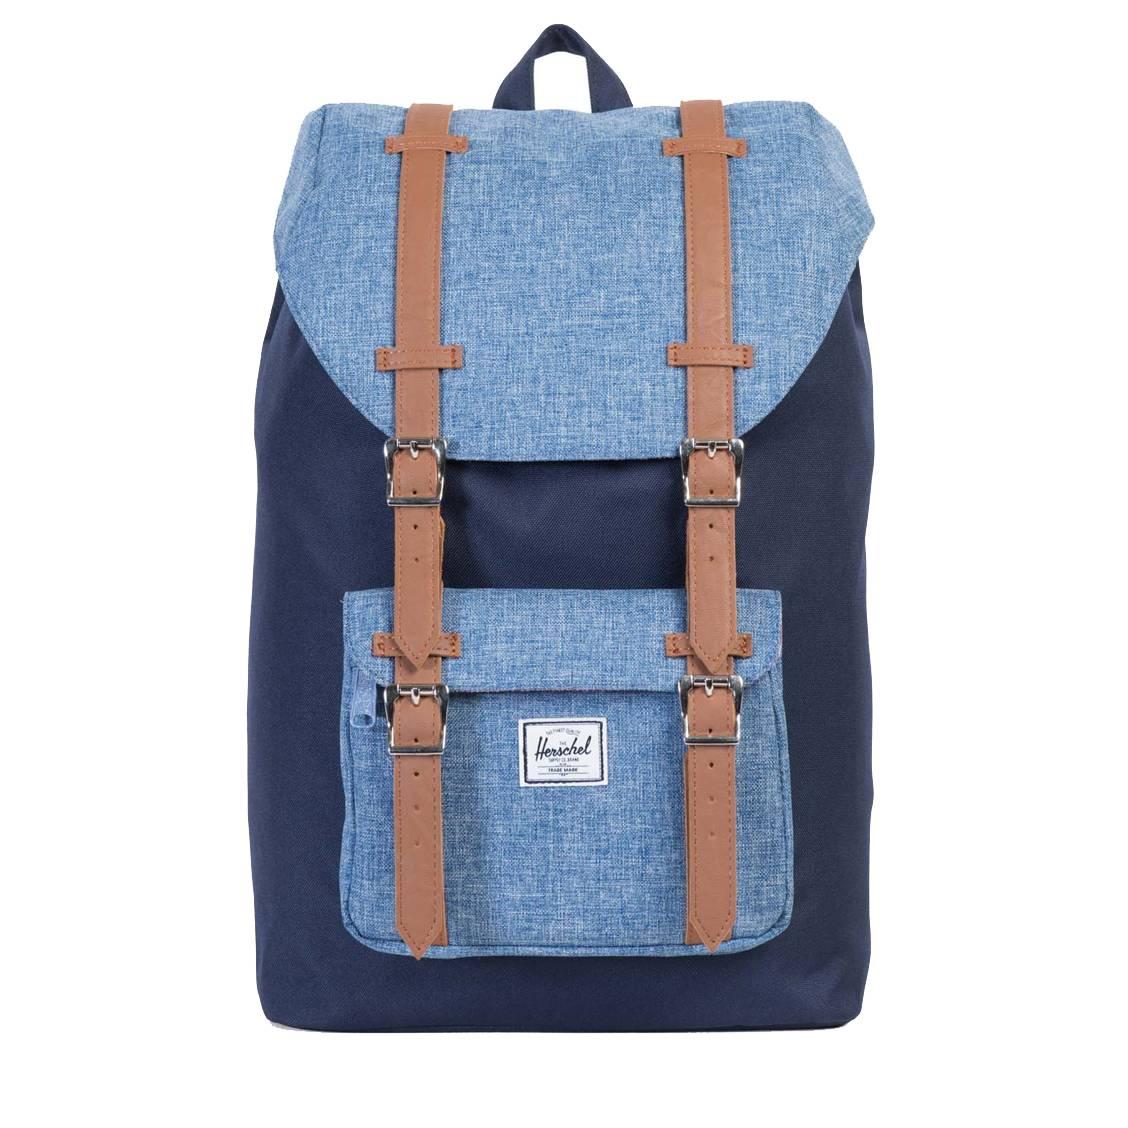 sac dos herschel little america mid volume bleu marine et bleu jean rue des hommes. Black Bedroom Furniture Sets. Home Design Ideas